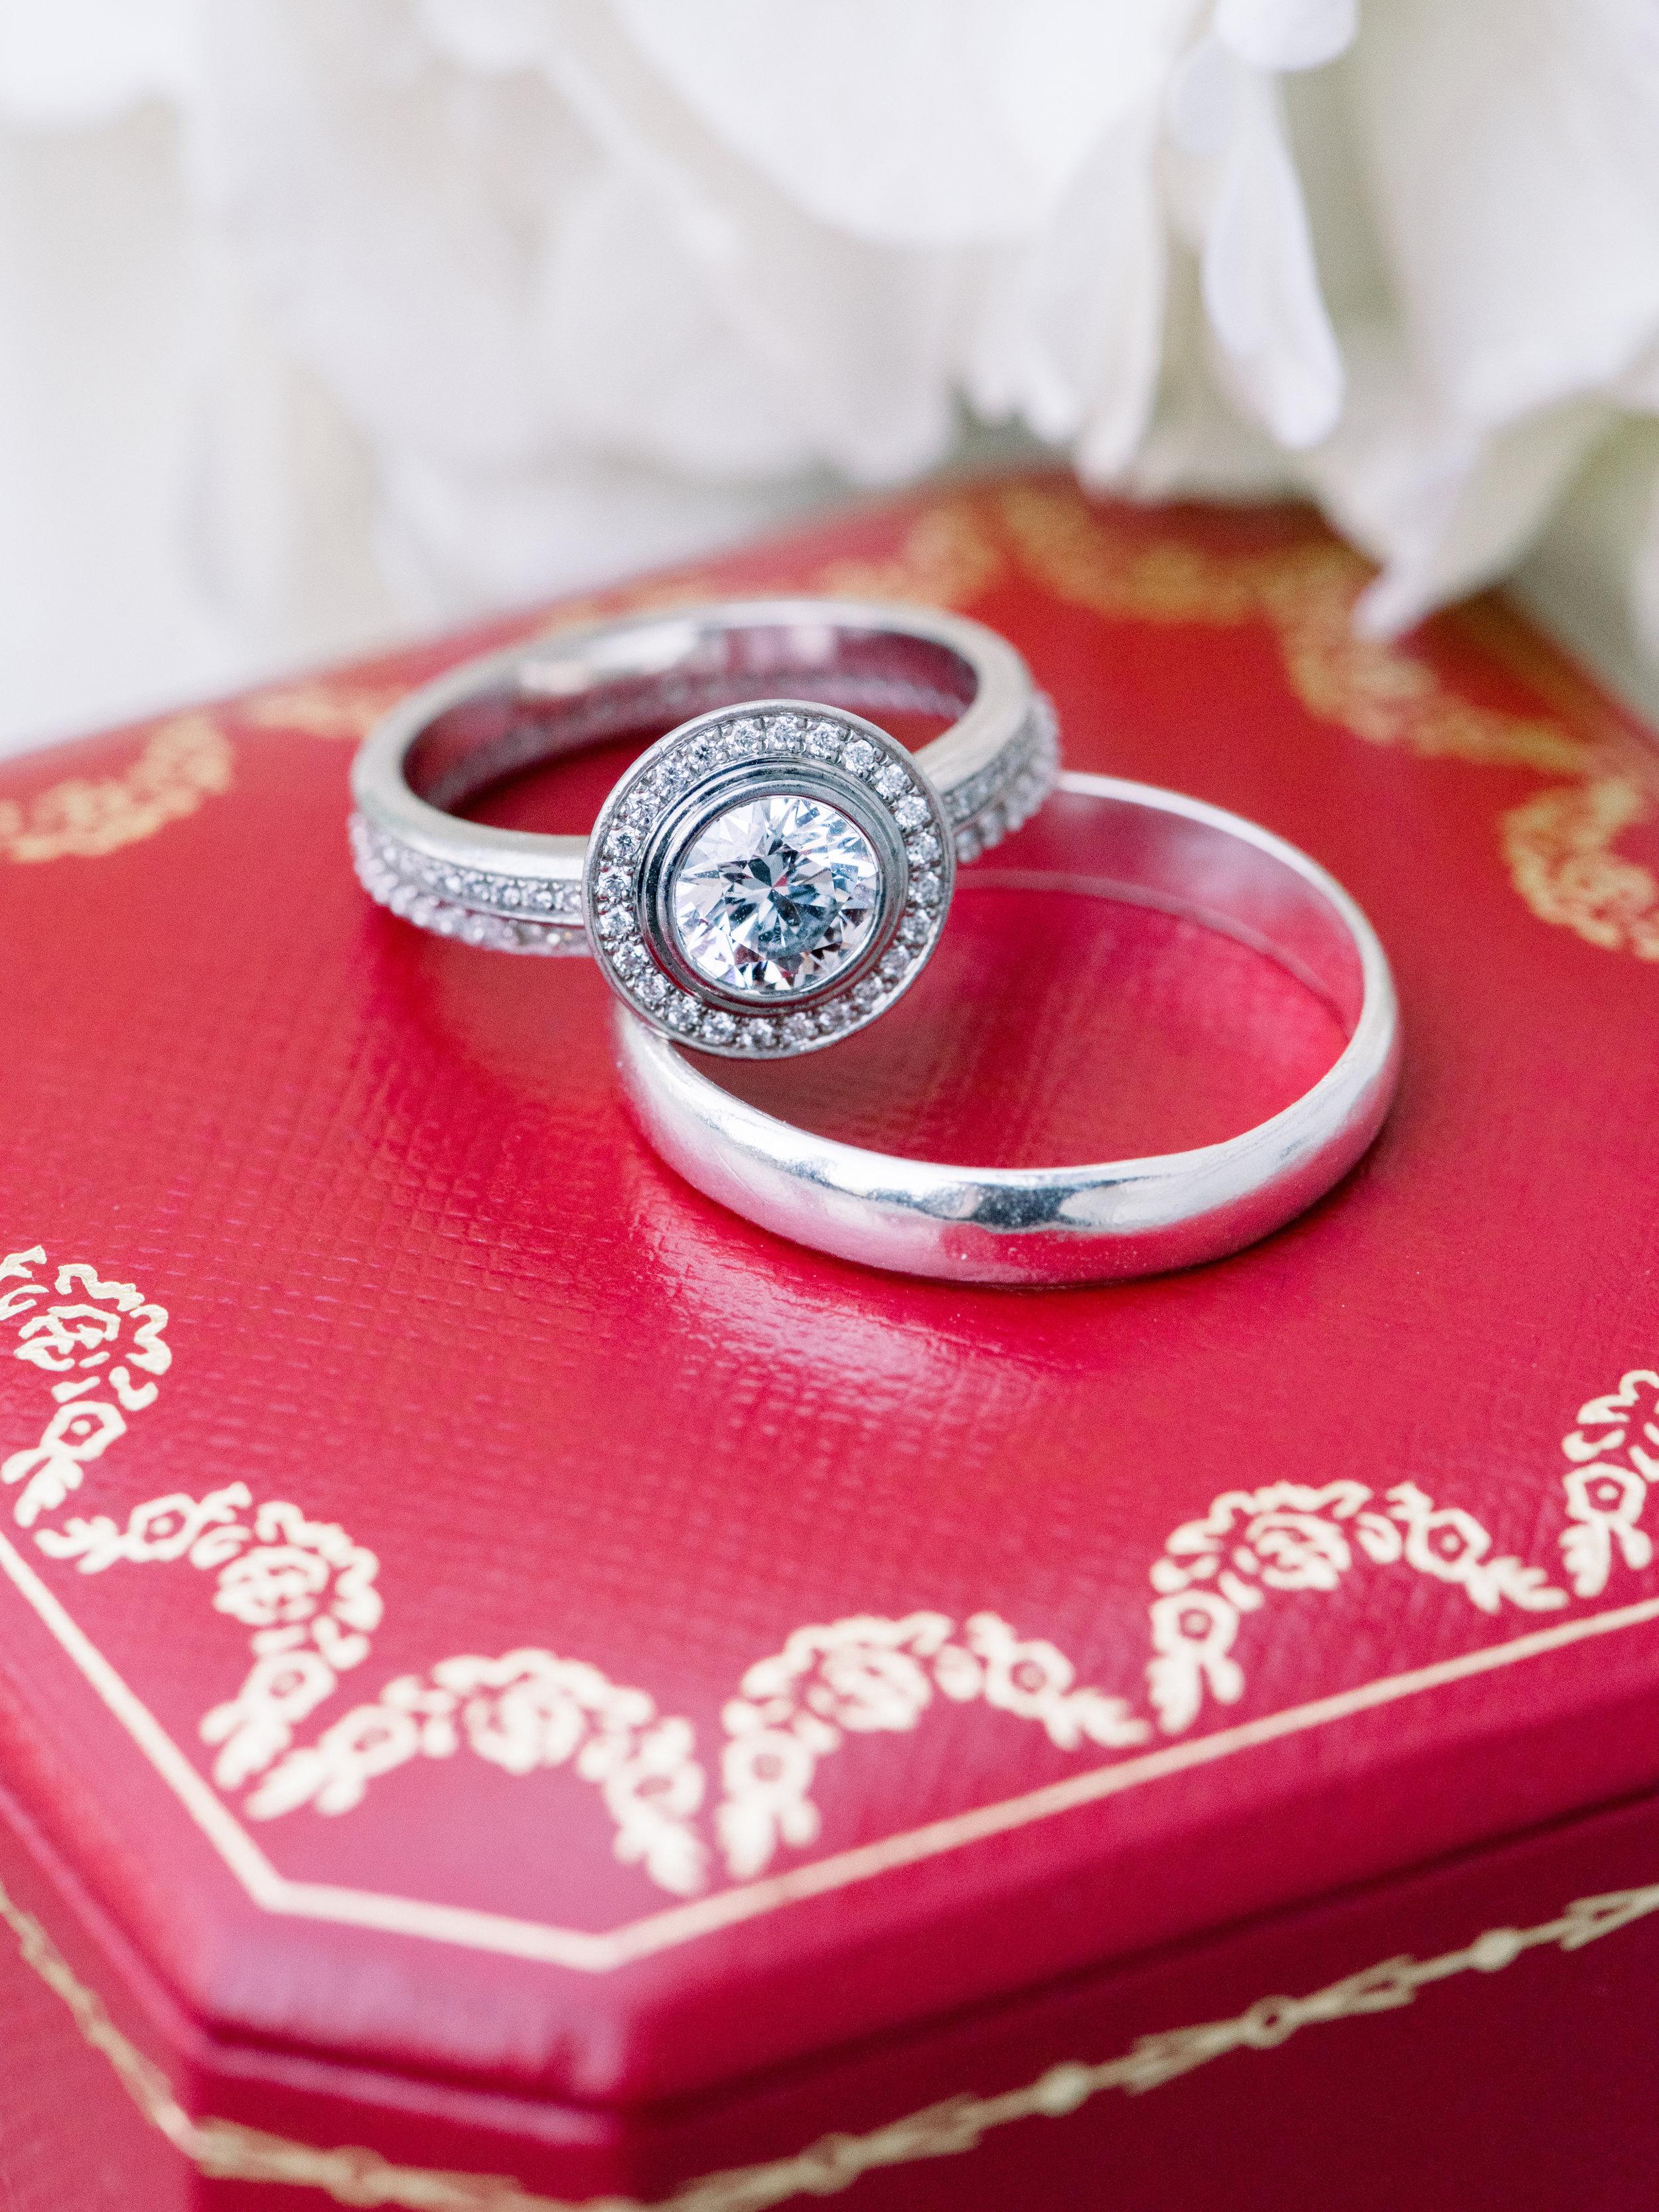 cartier-diamond-wedding-rings.jpg